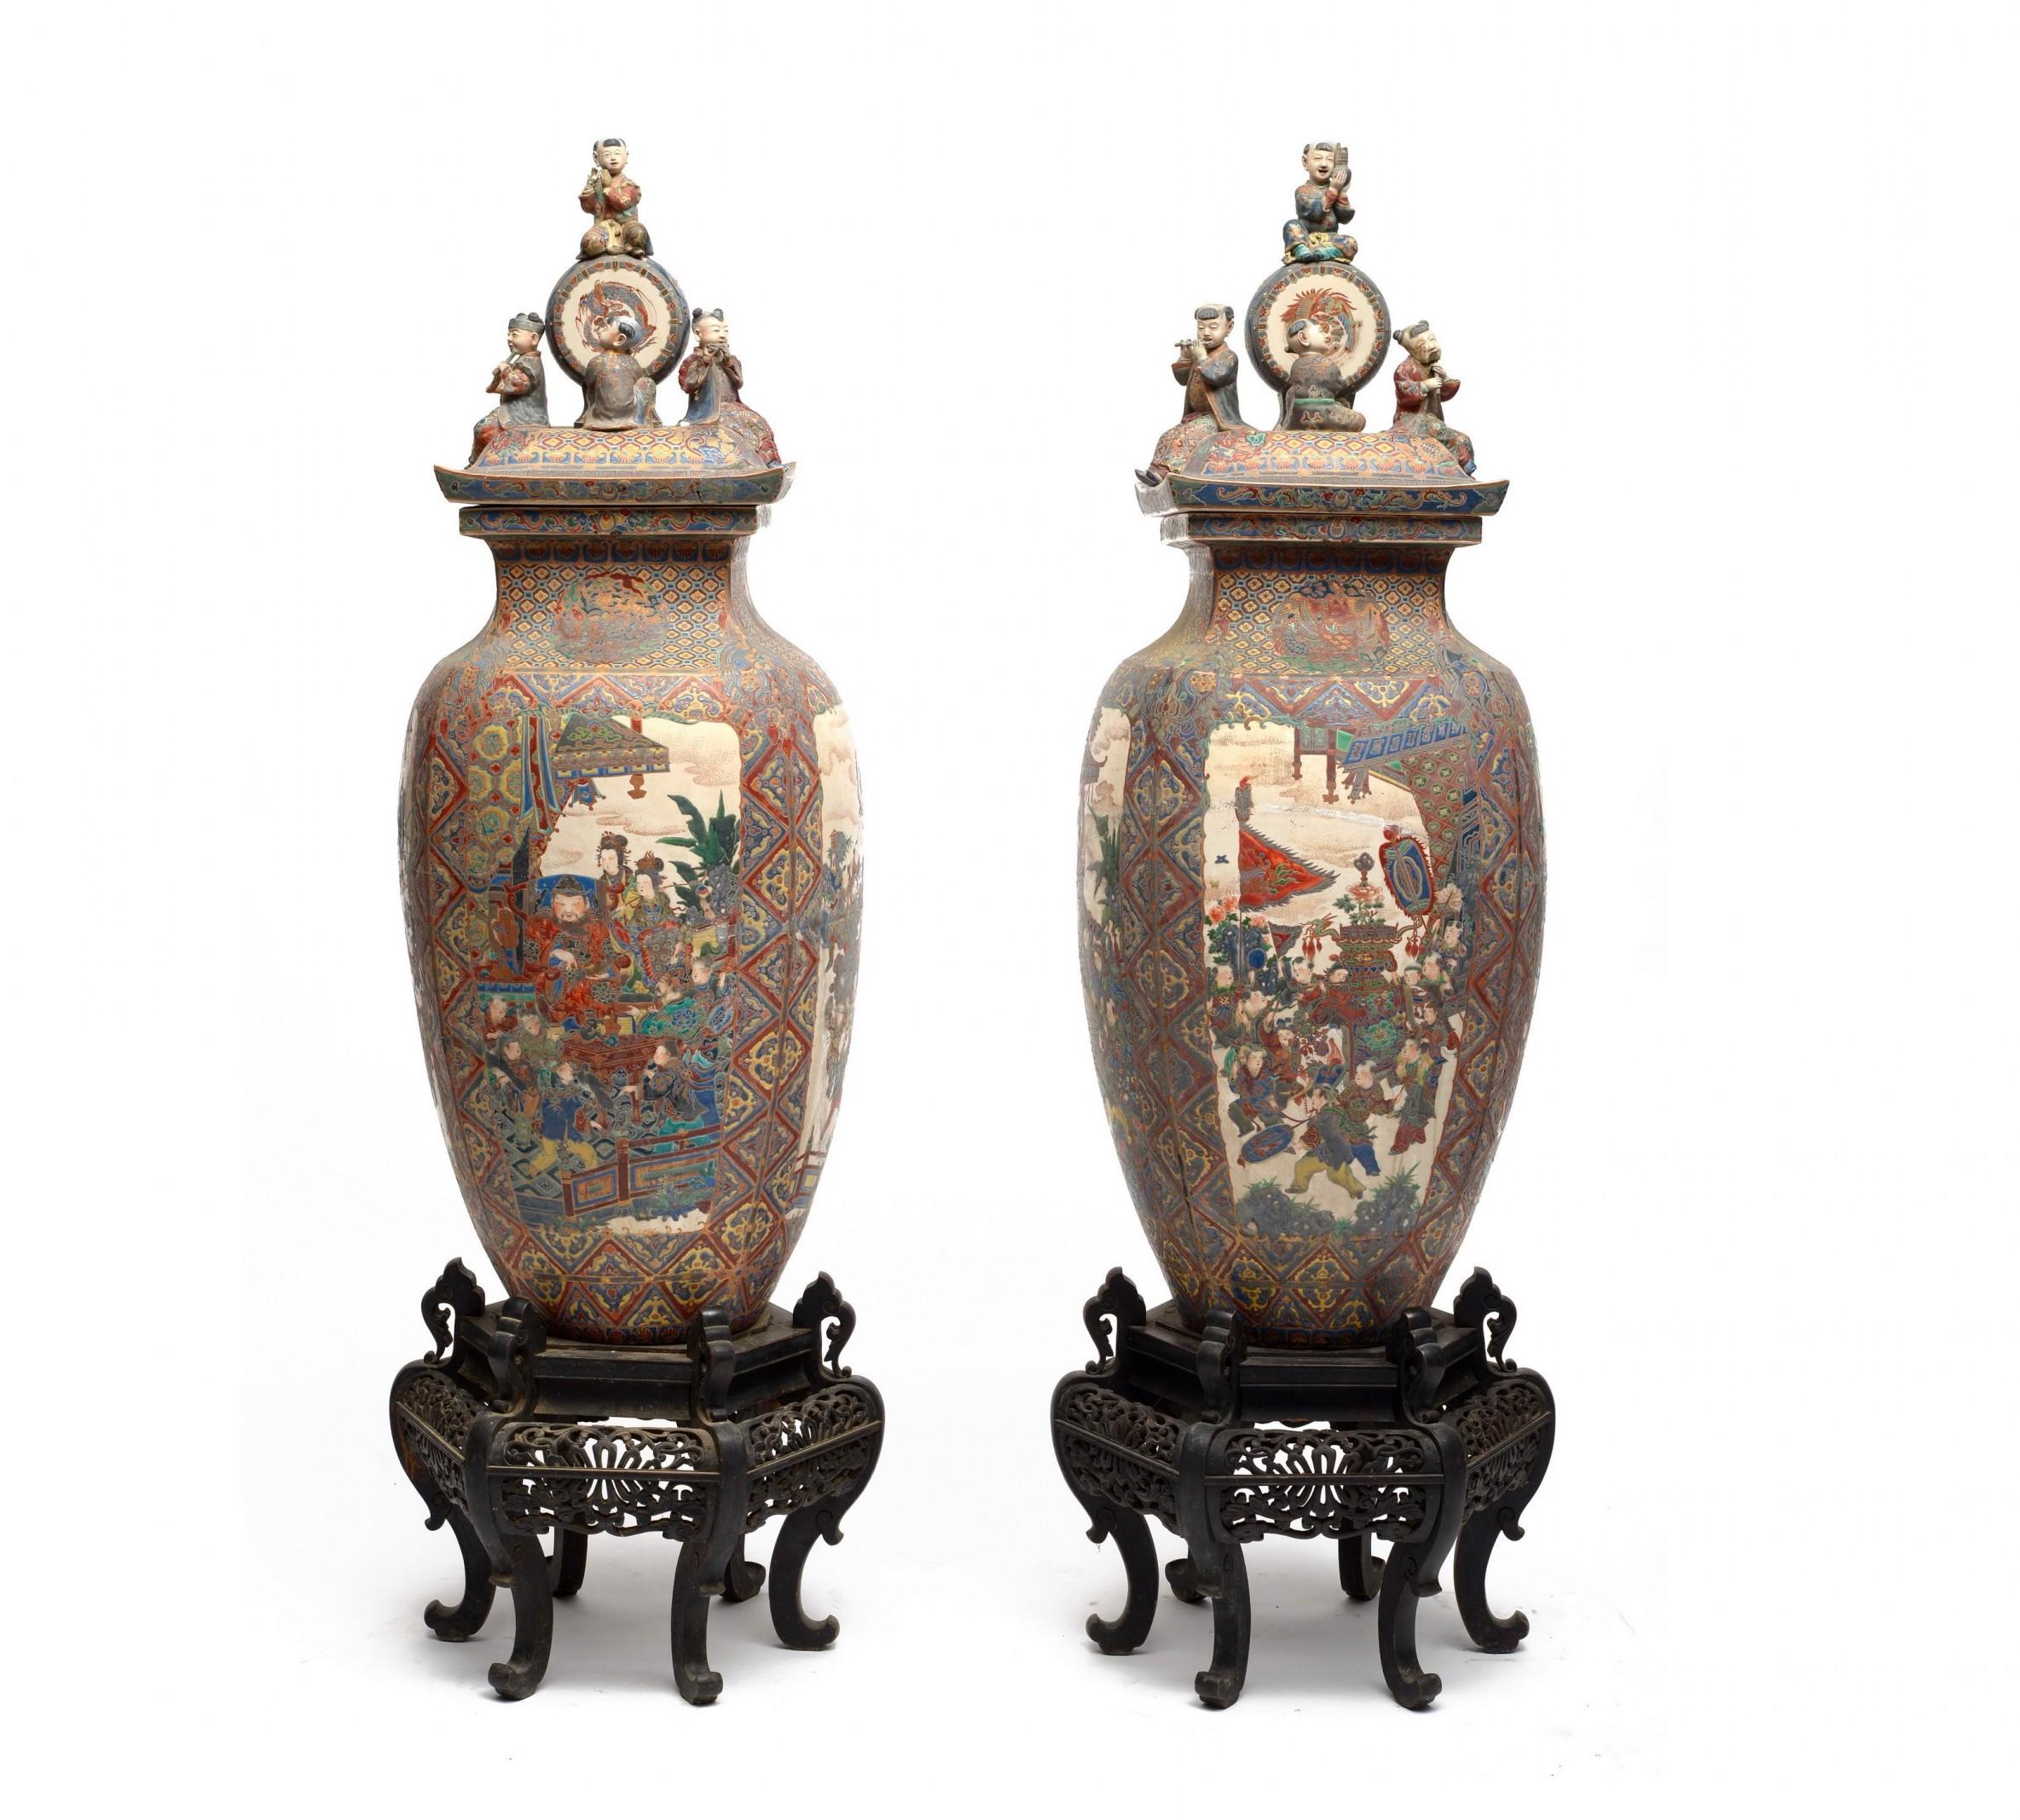 Japon, Epoque XIXe siècle, paire de vases, image ©HVMC